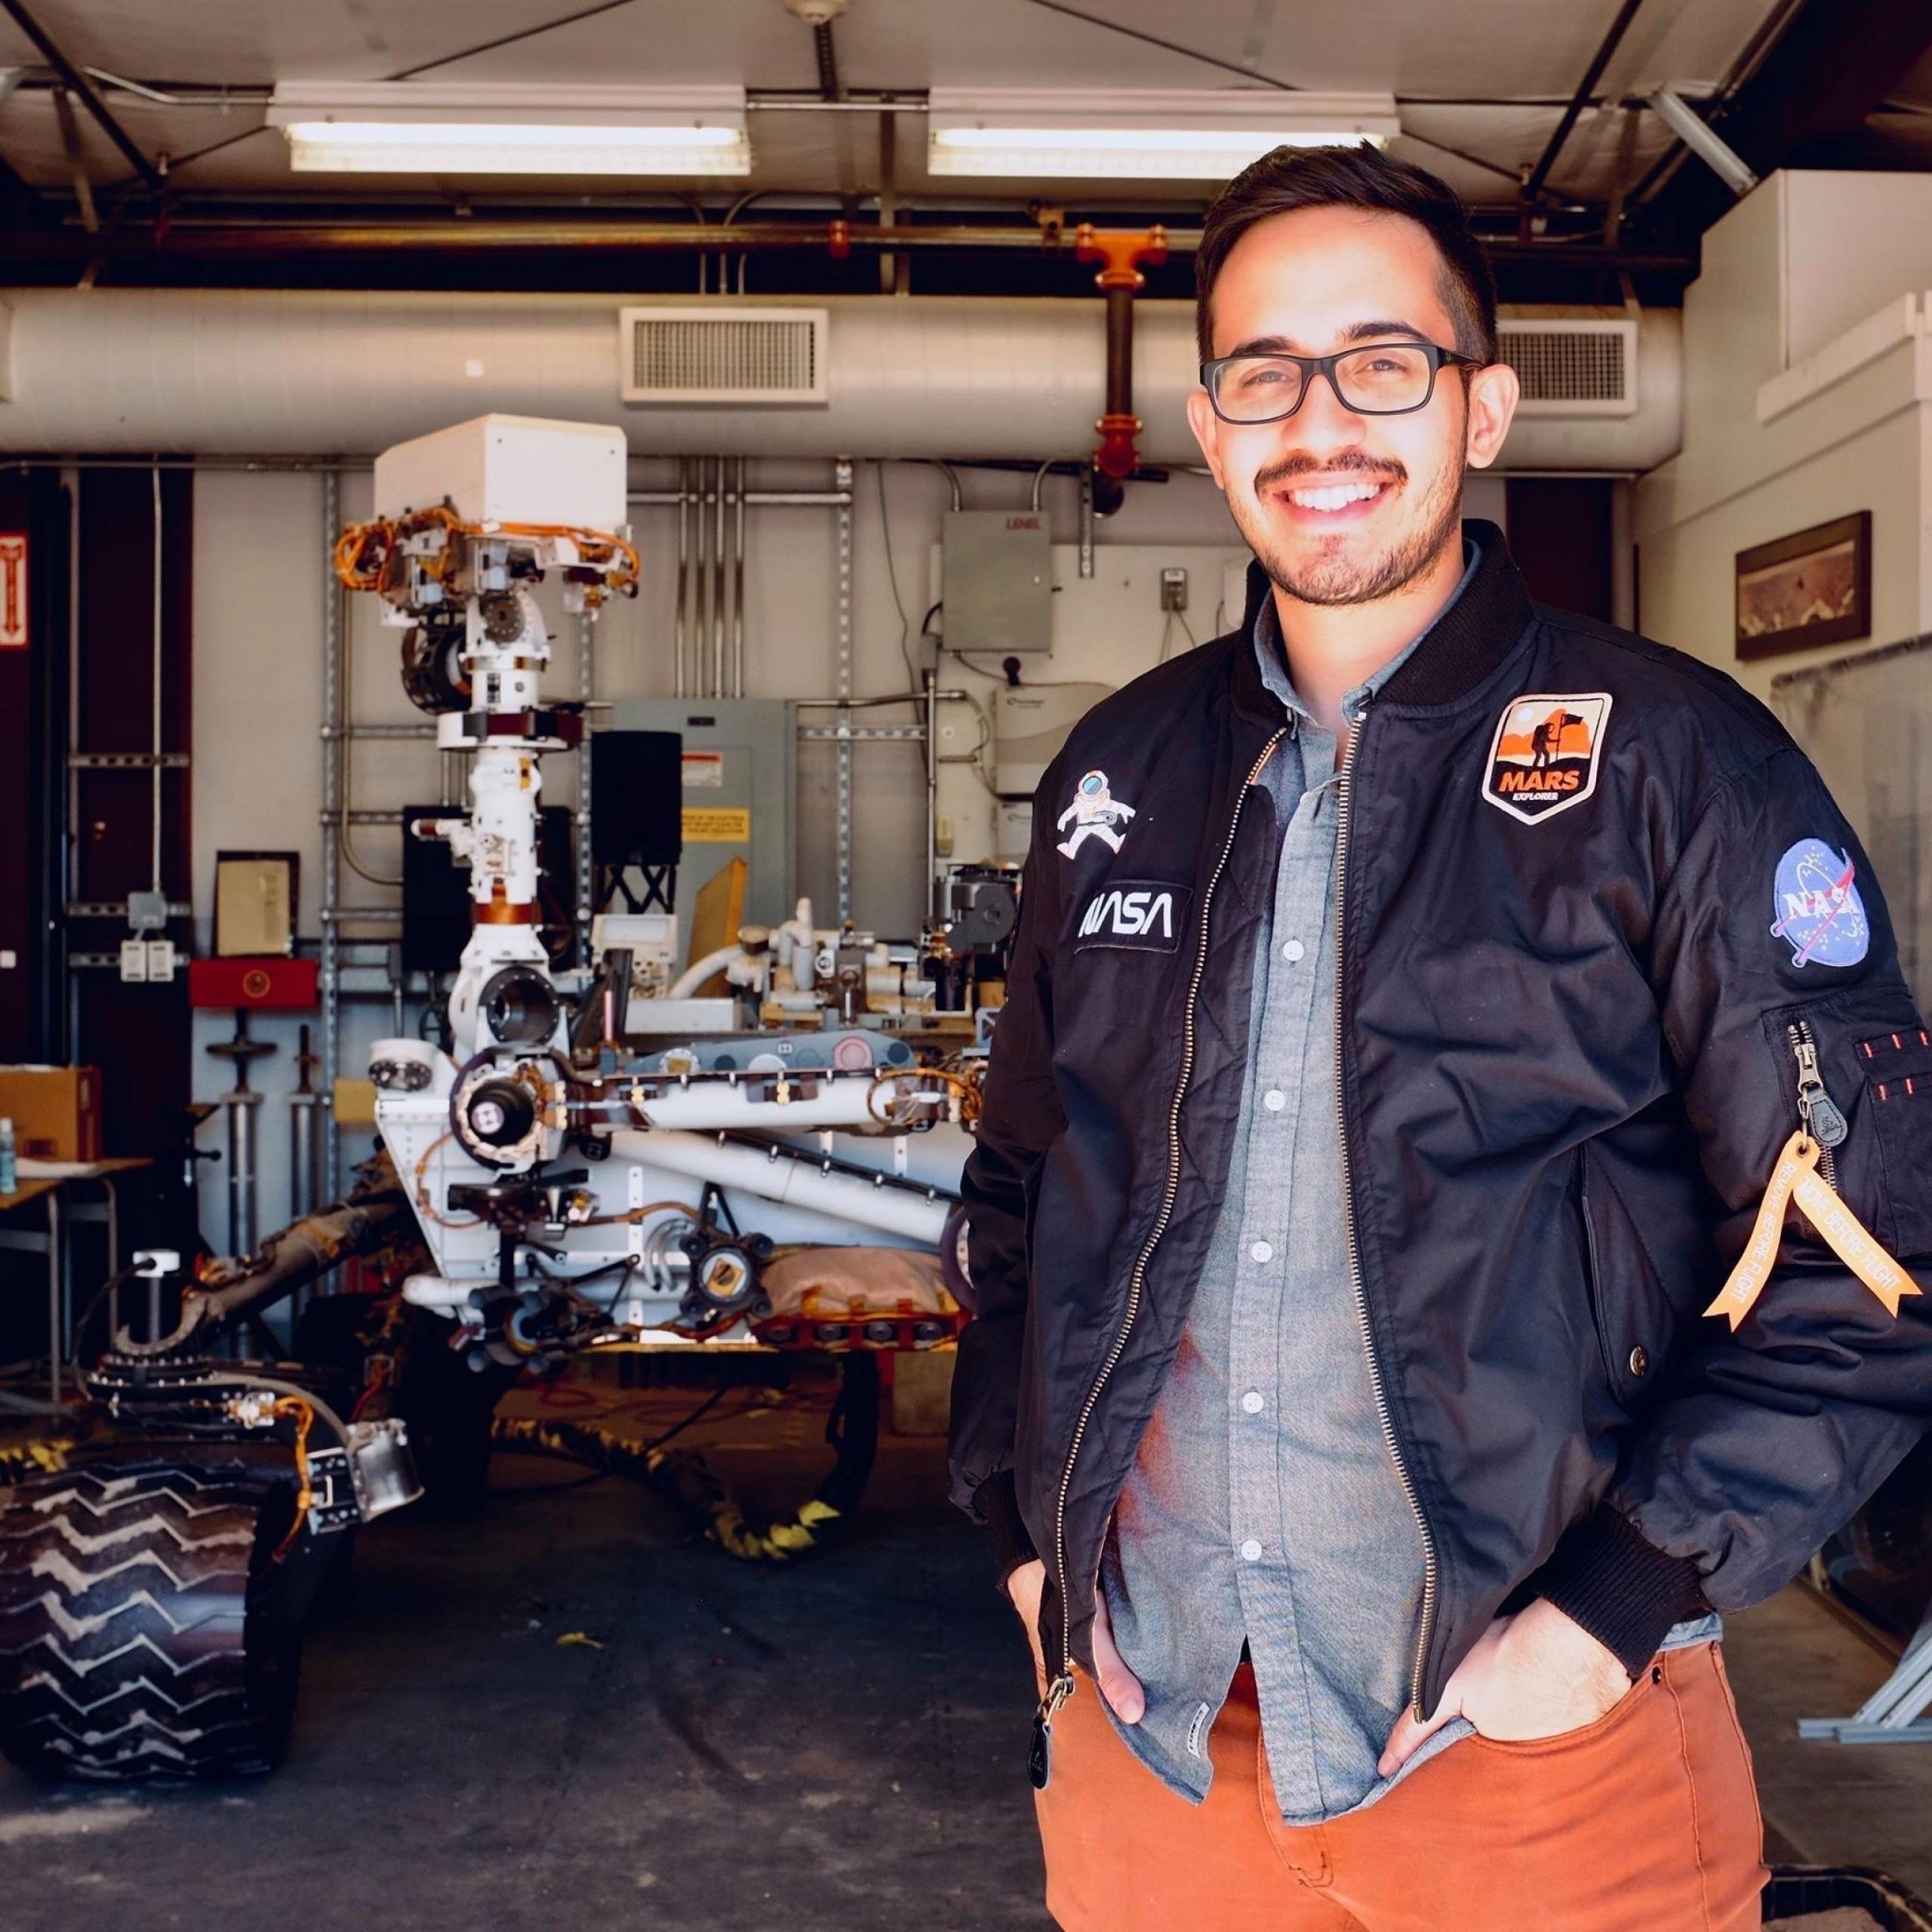 Elio Morillo de la misión Mars 2020 Perseverance Rover